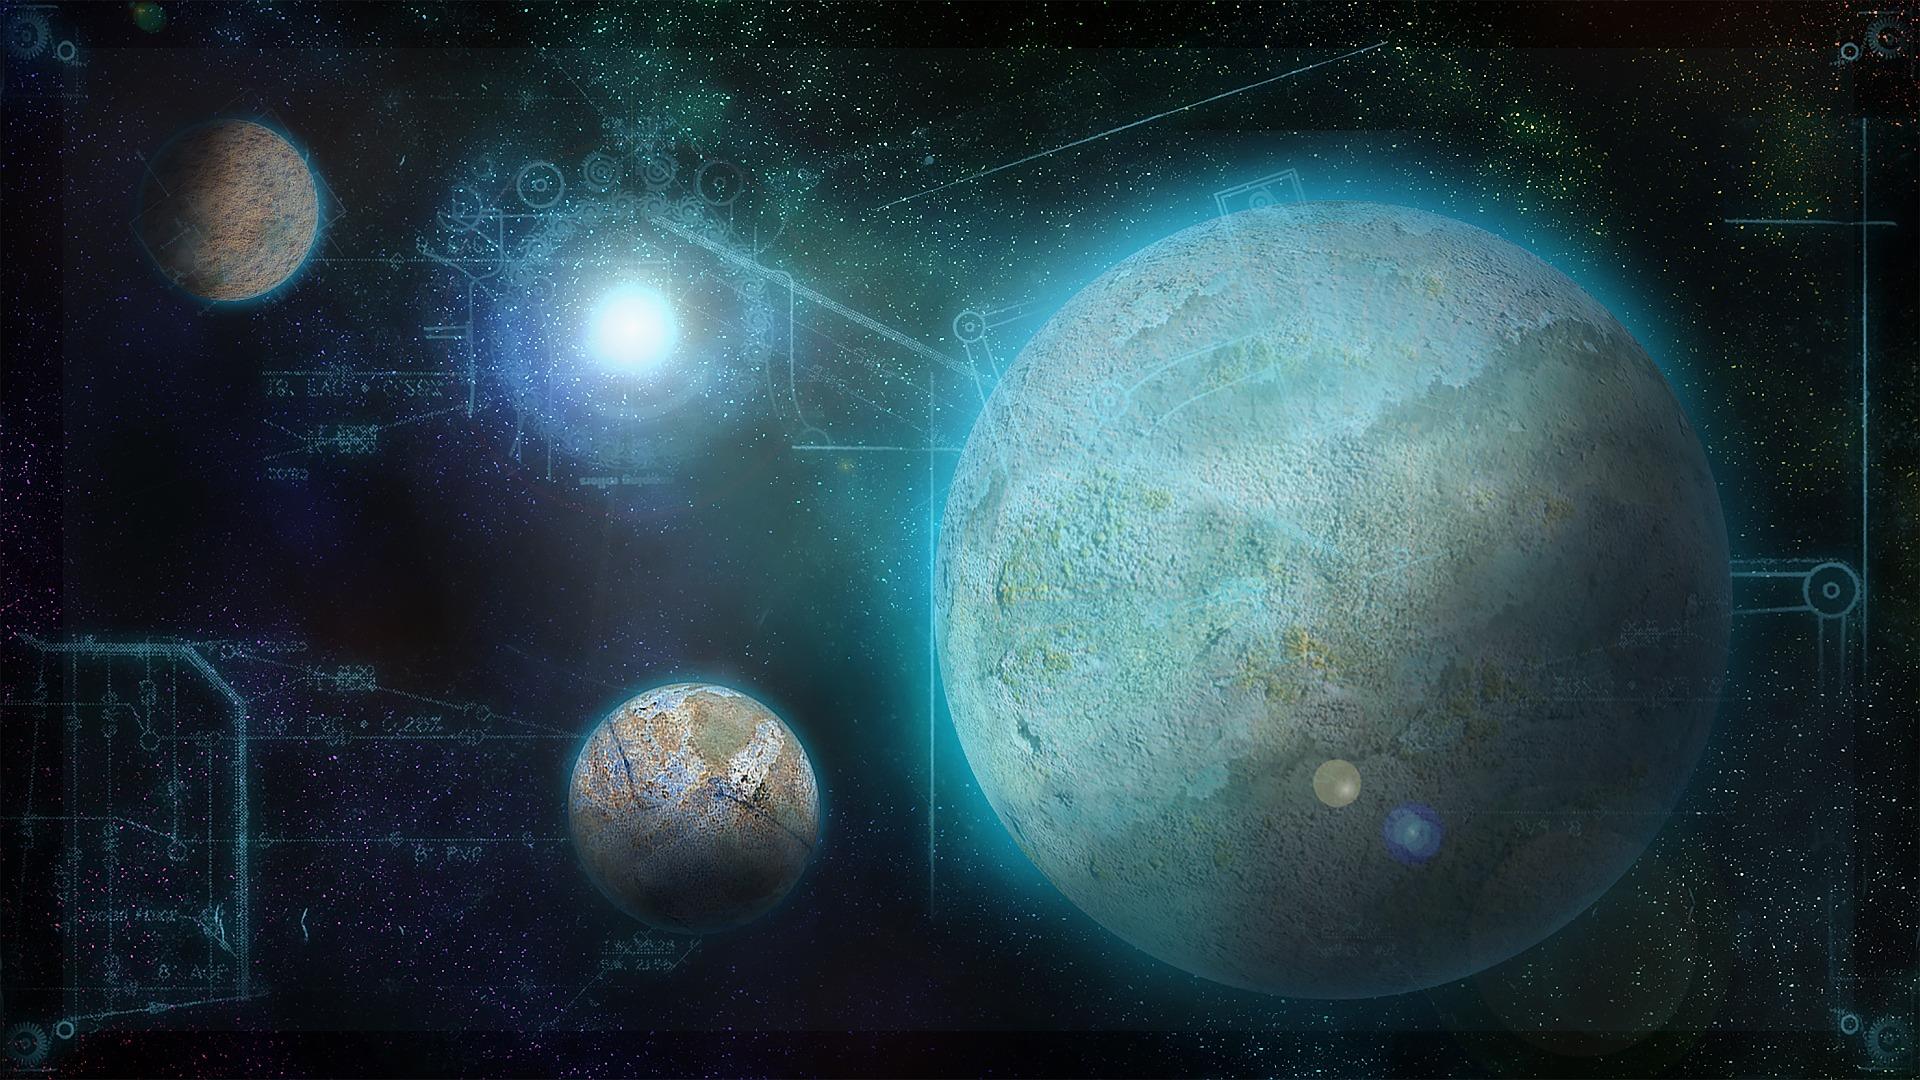 未来感あふれる3つの惑星